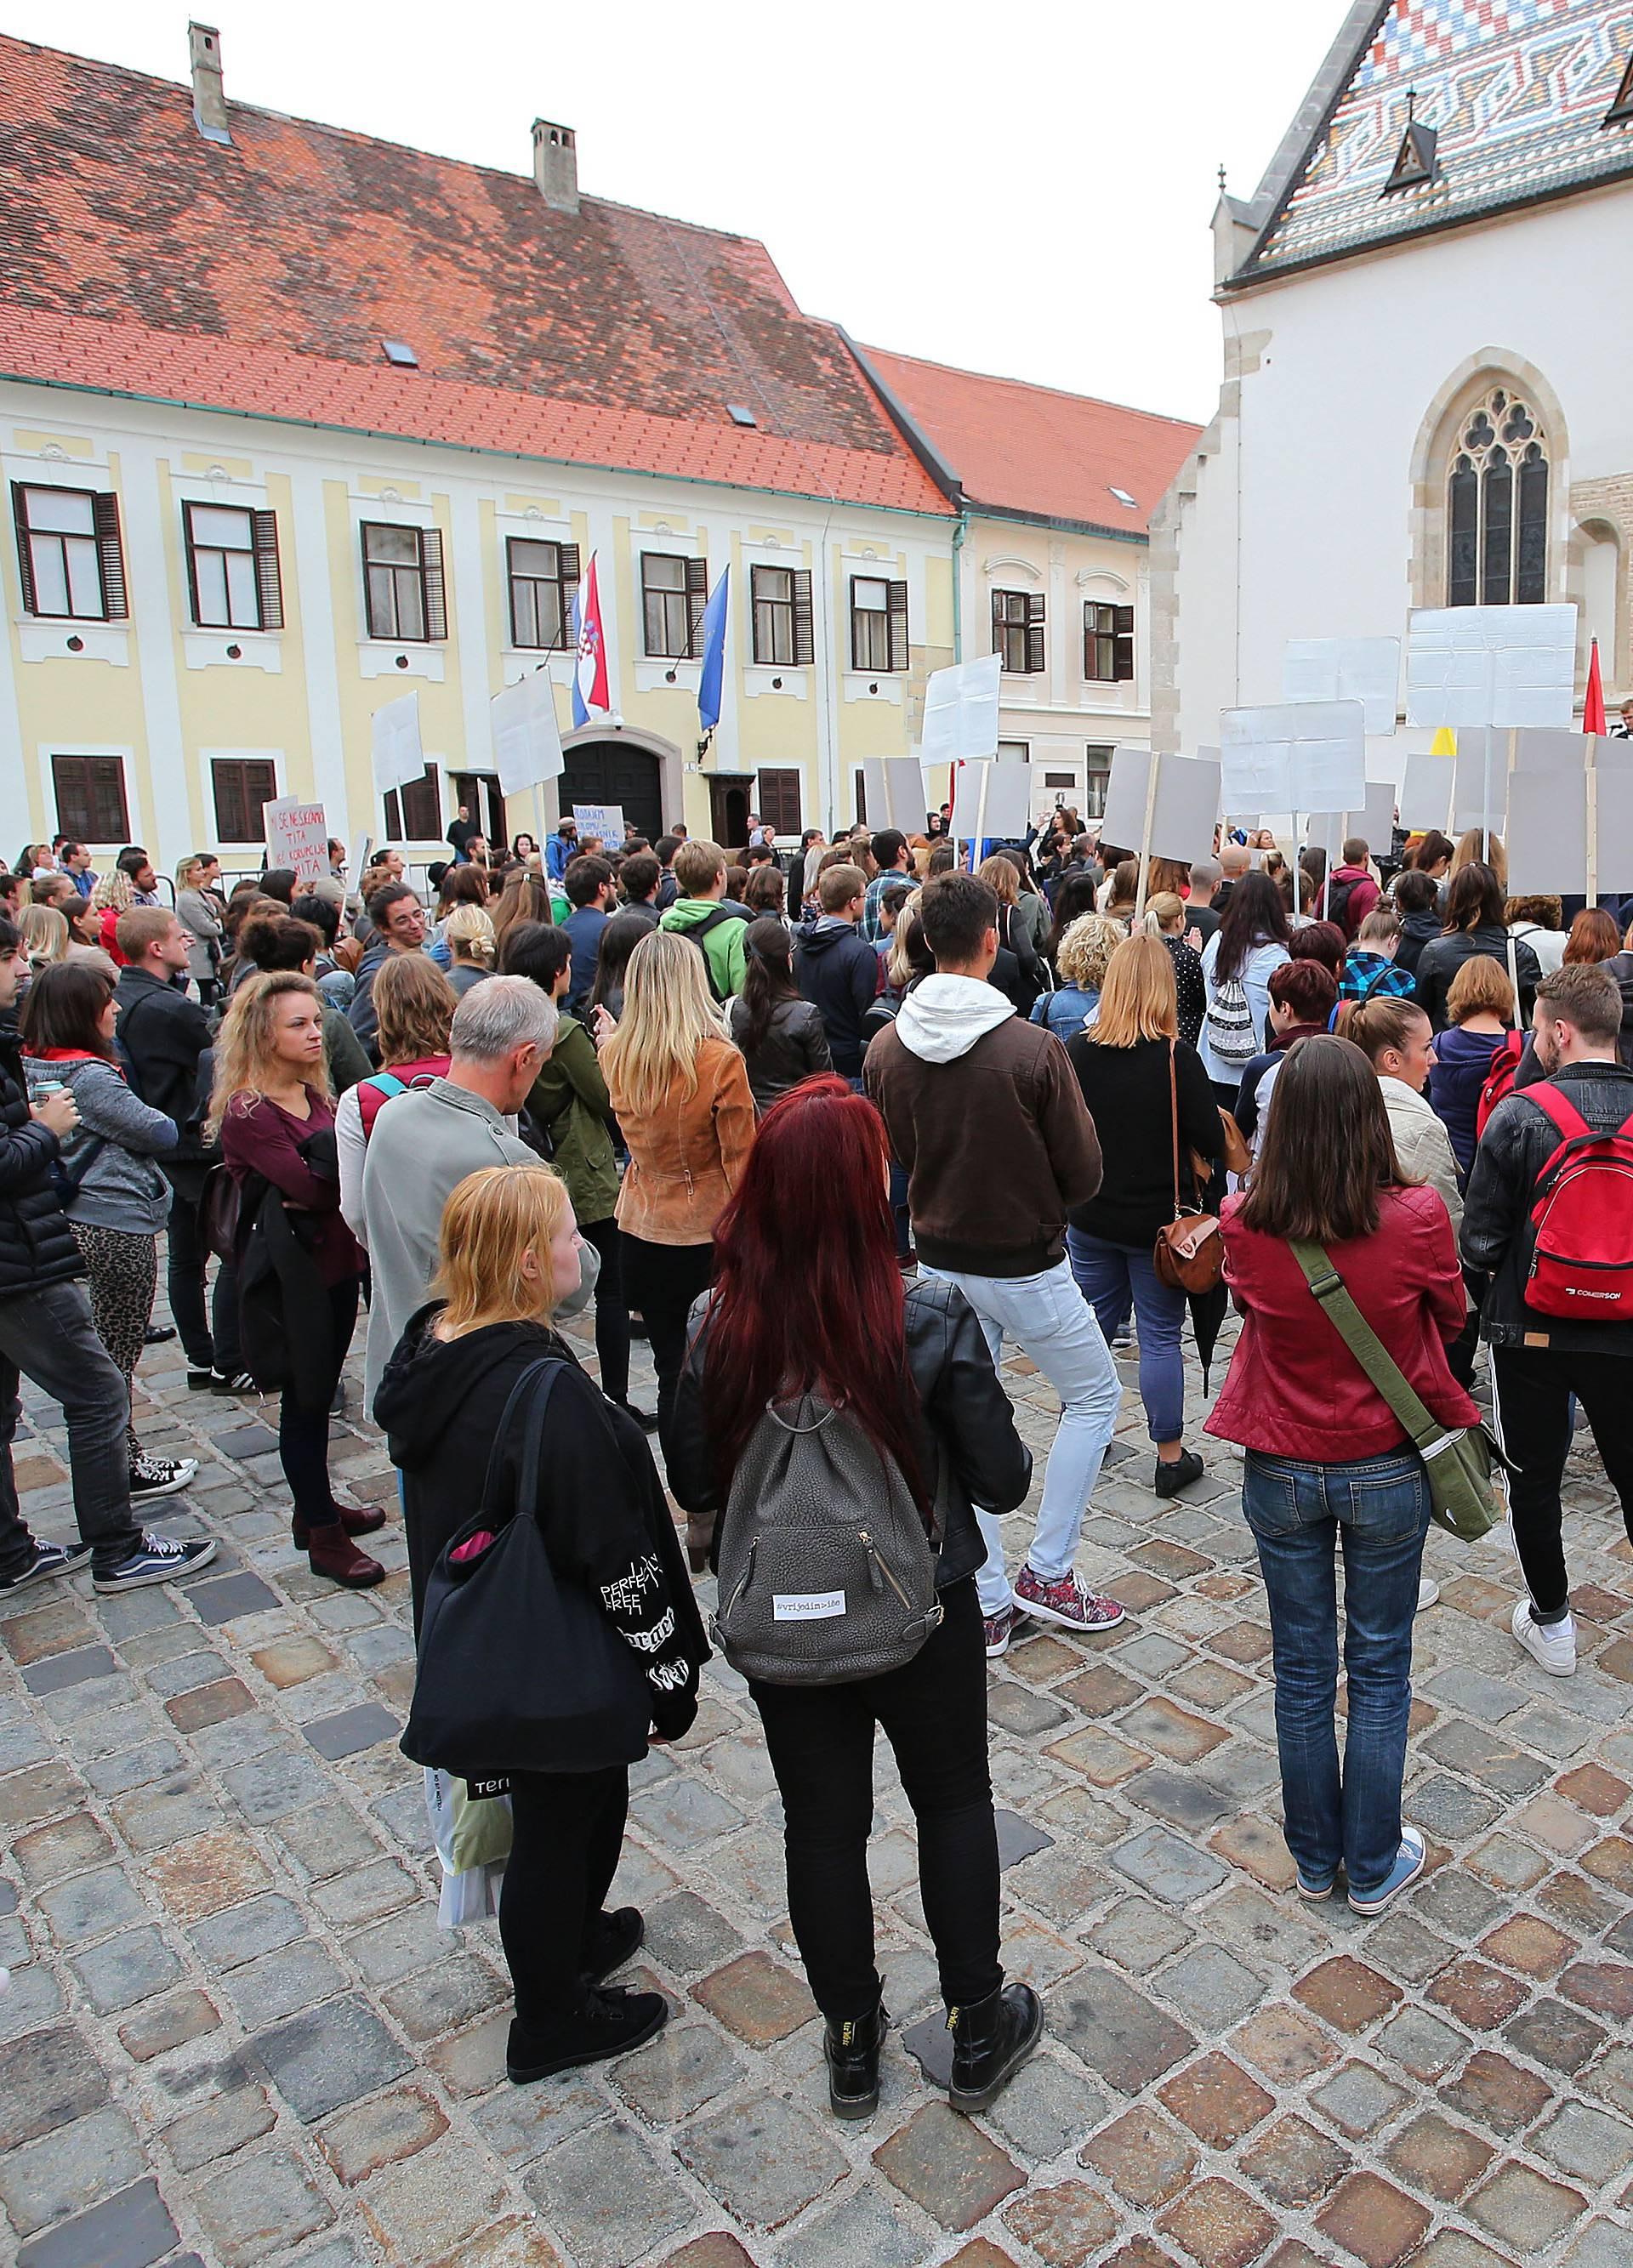 Prosvjed mladih: 'U Njemačku bih na odmor, a ne na bauštelu'